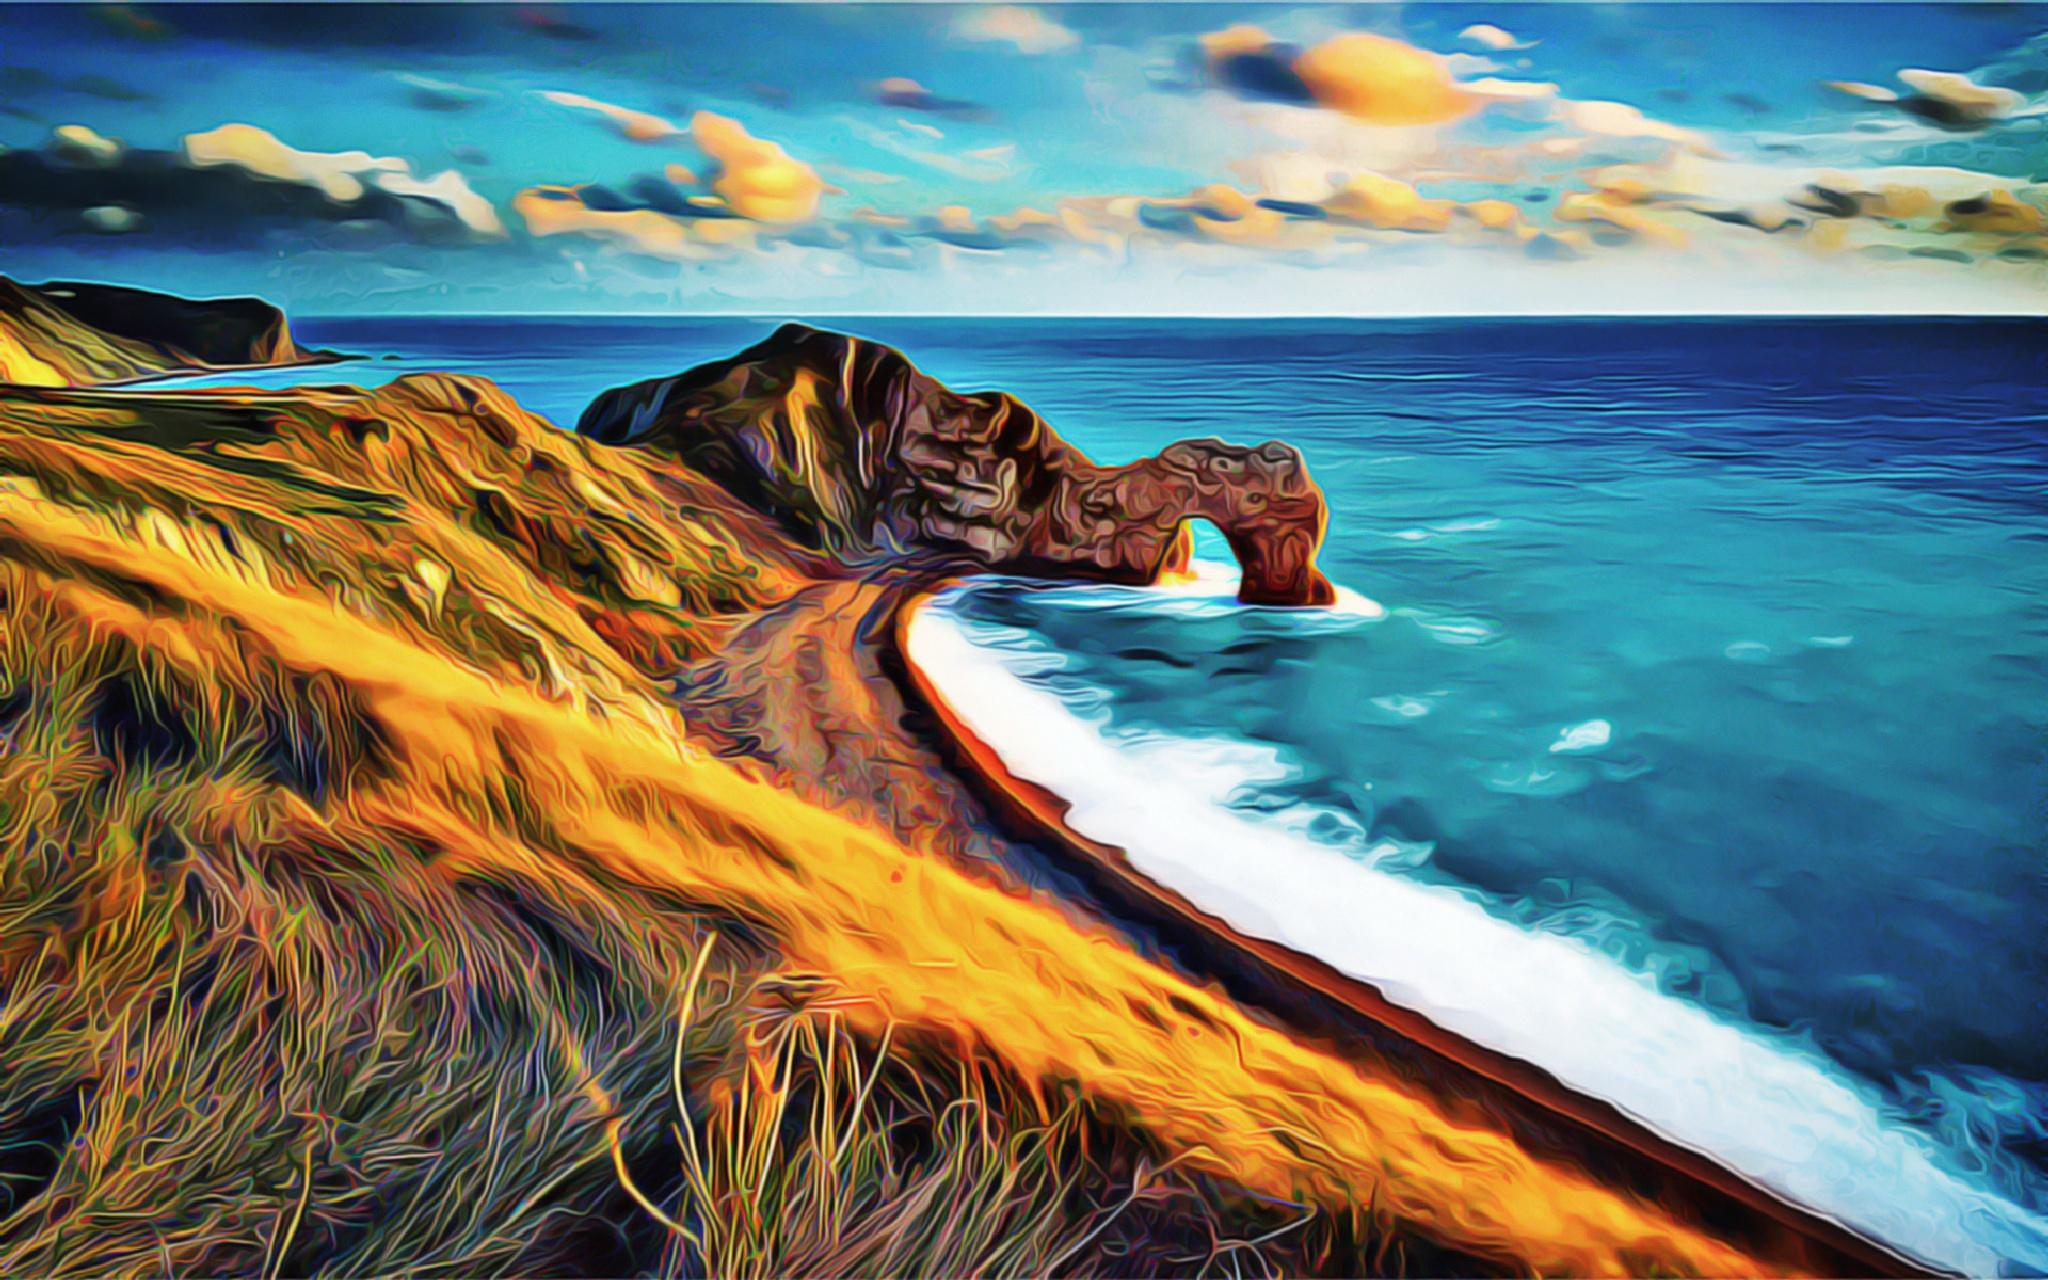 The Beach by zertium